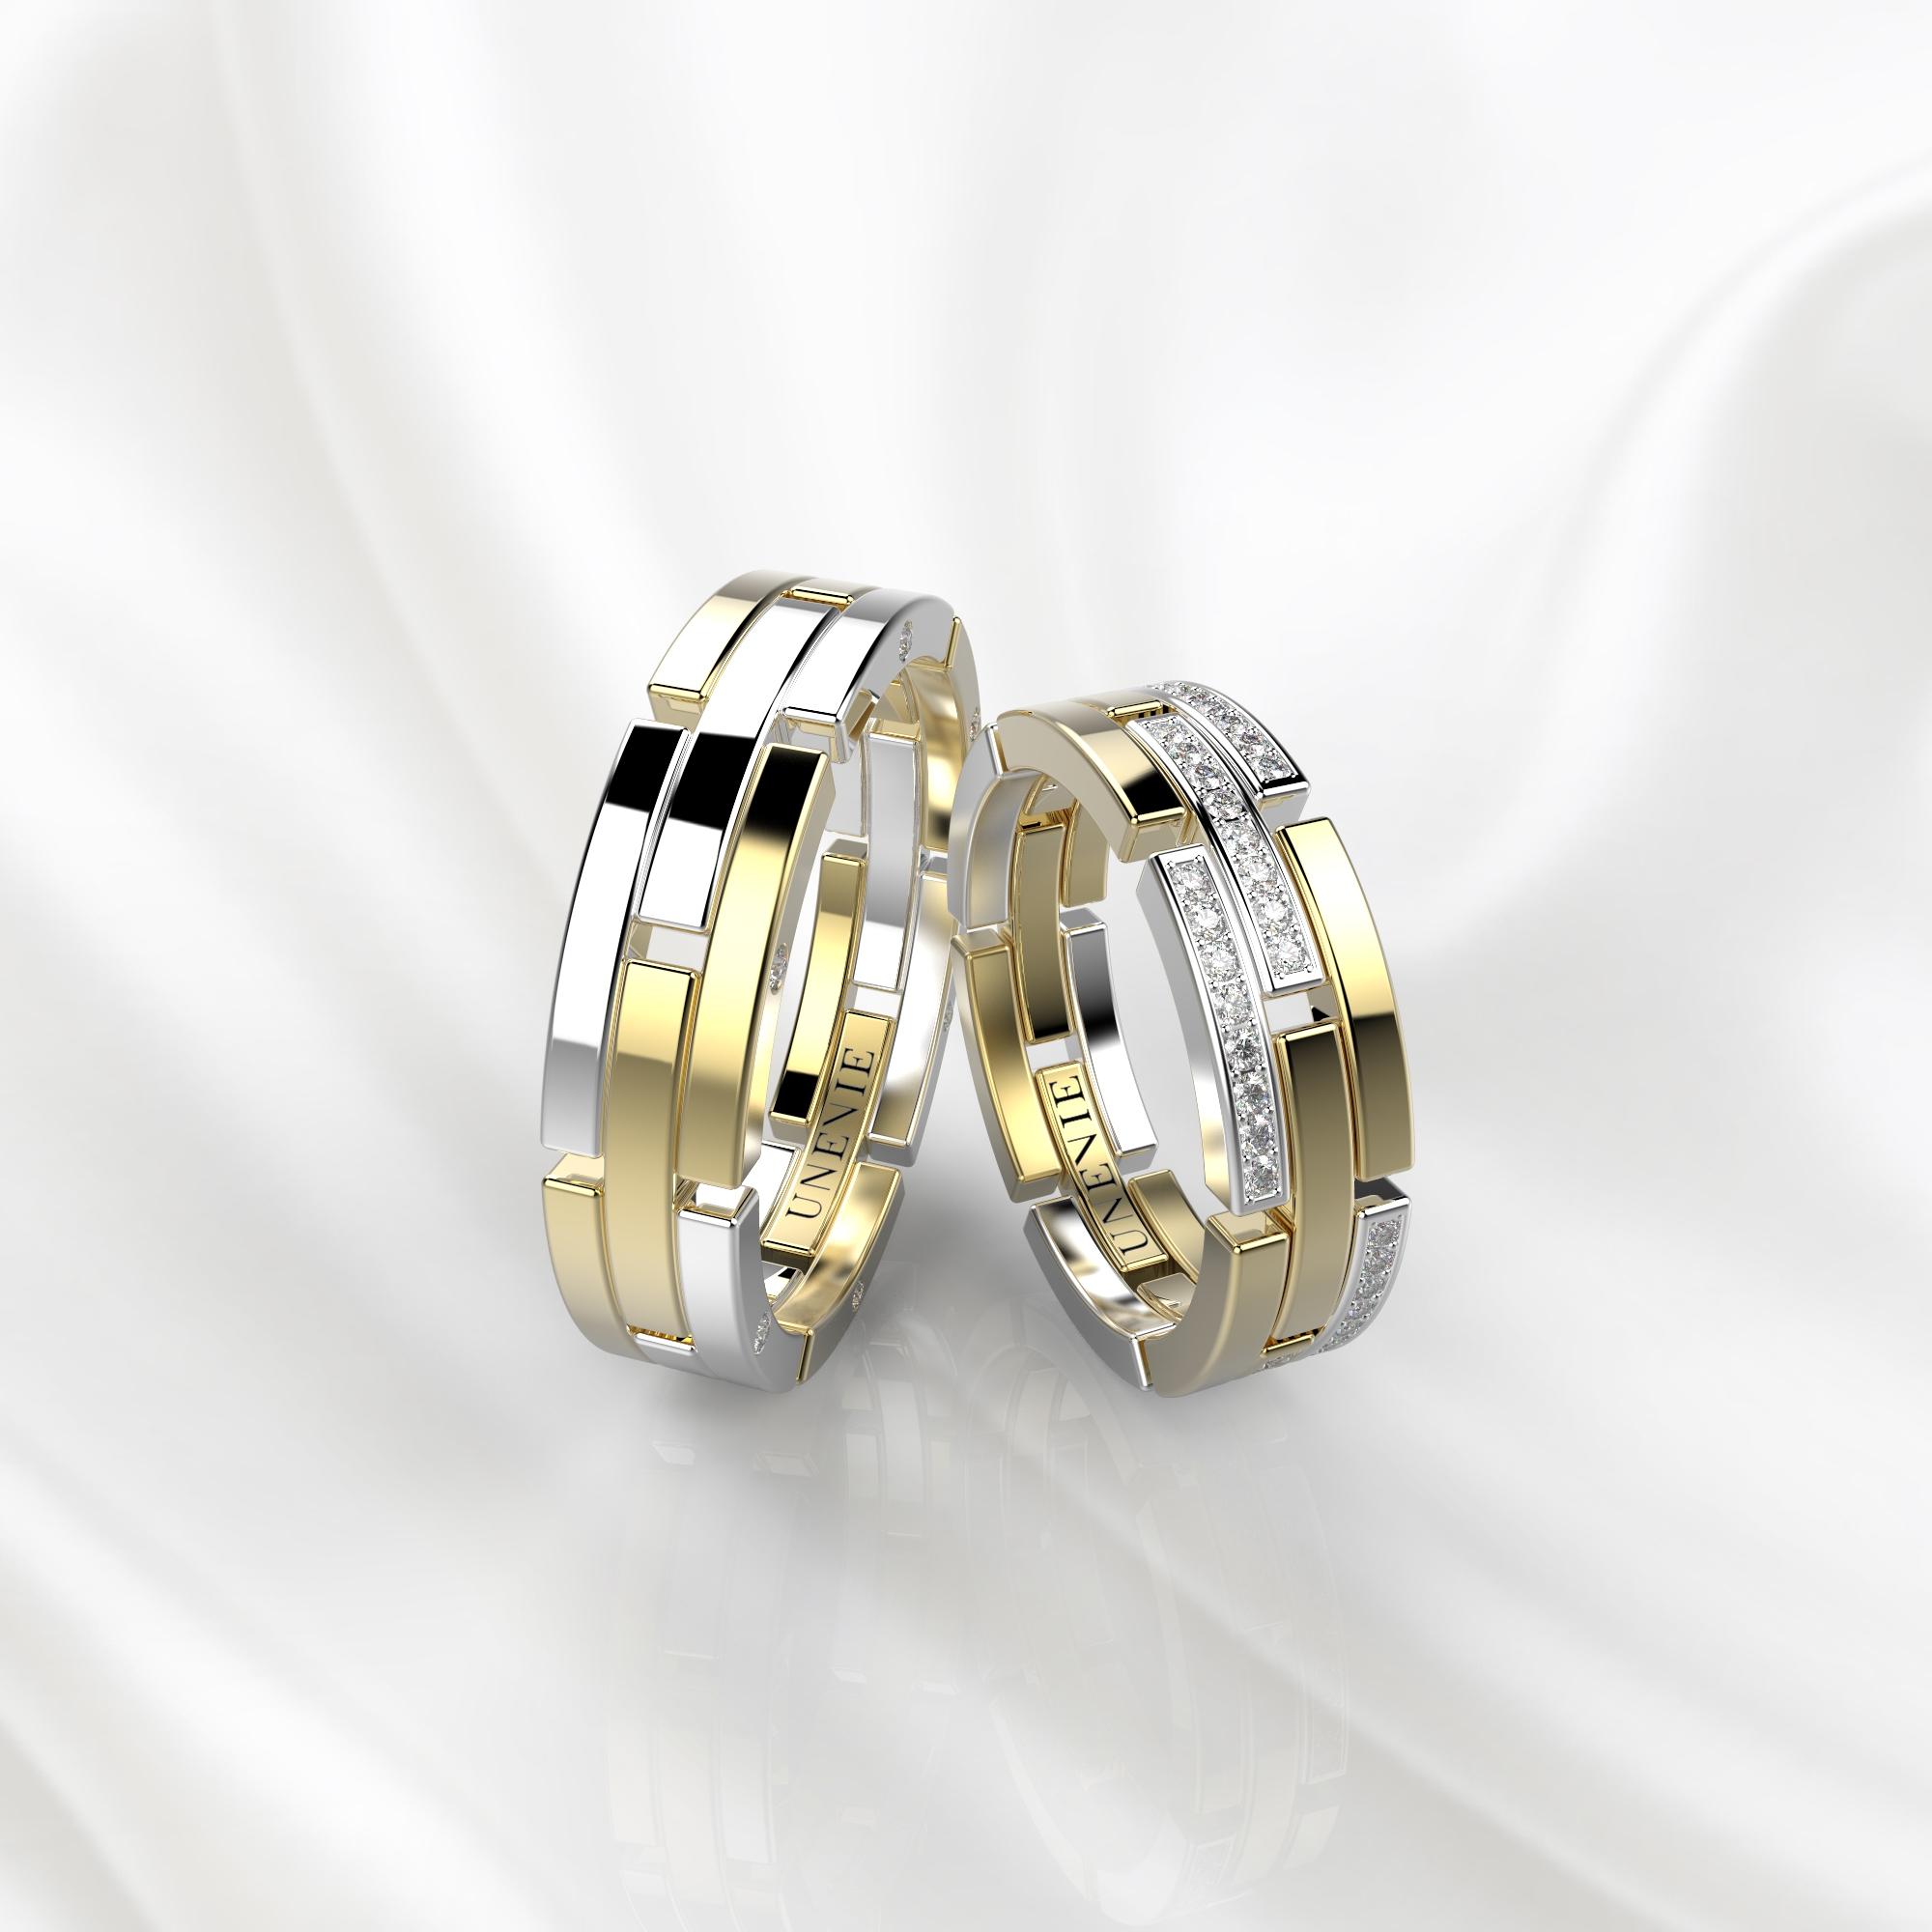 NV42 Обручальные кольца из бело-желтого золота с бриллиантами